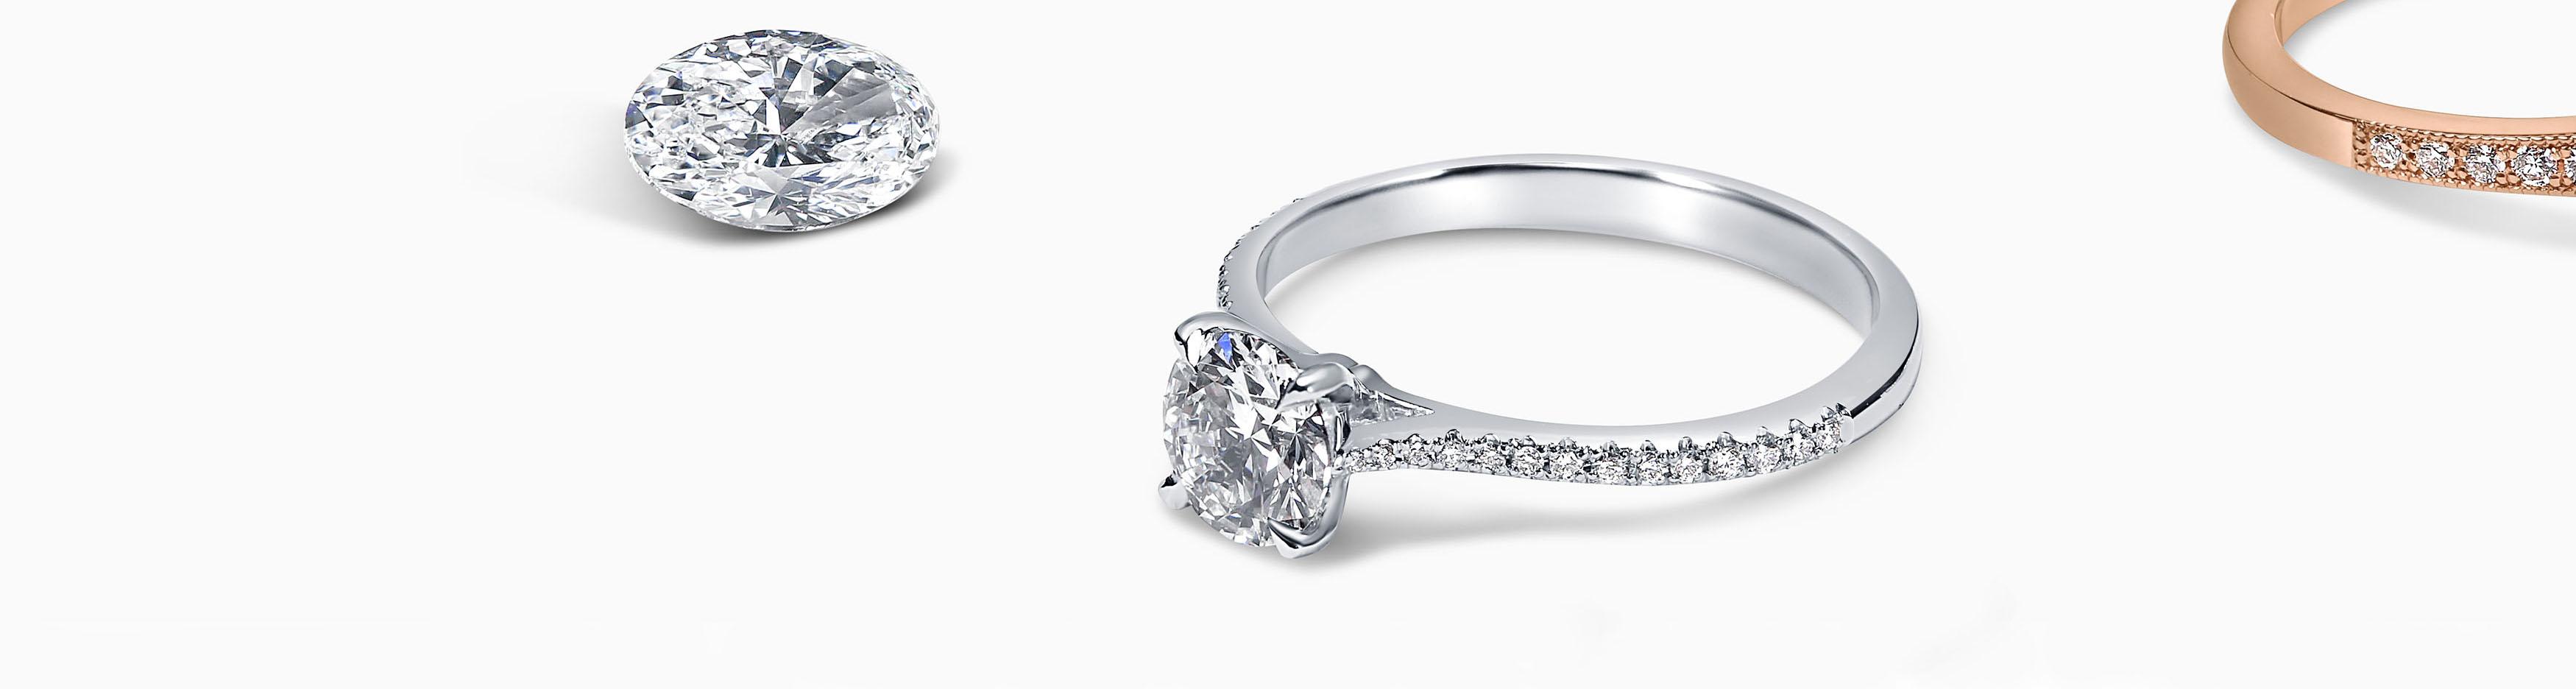 Hatton Gardens Jewellery - Hatton Gardens Engagement Rings